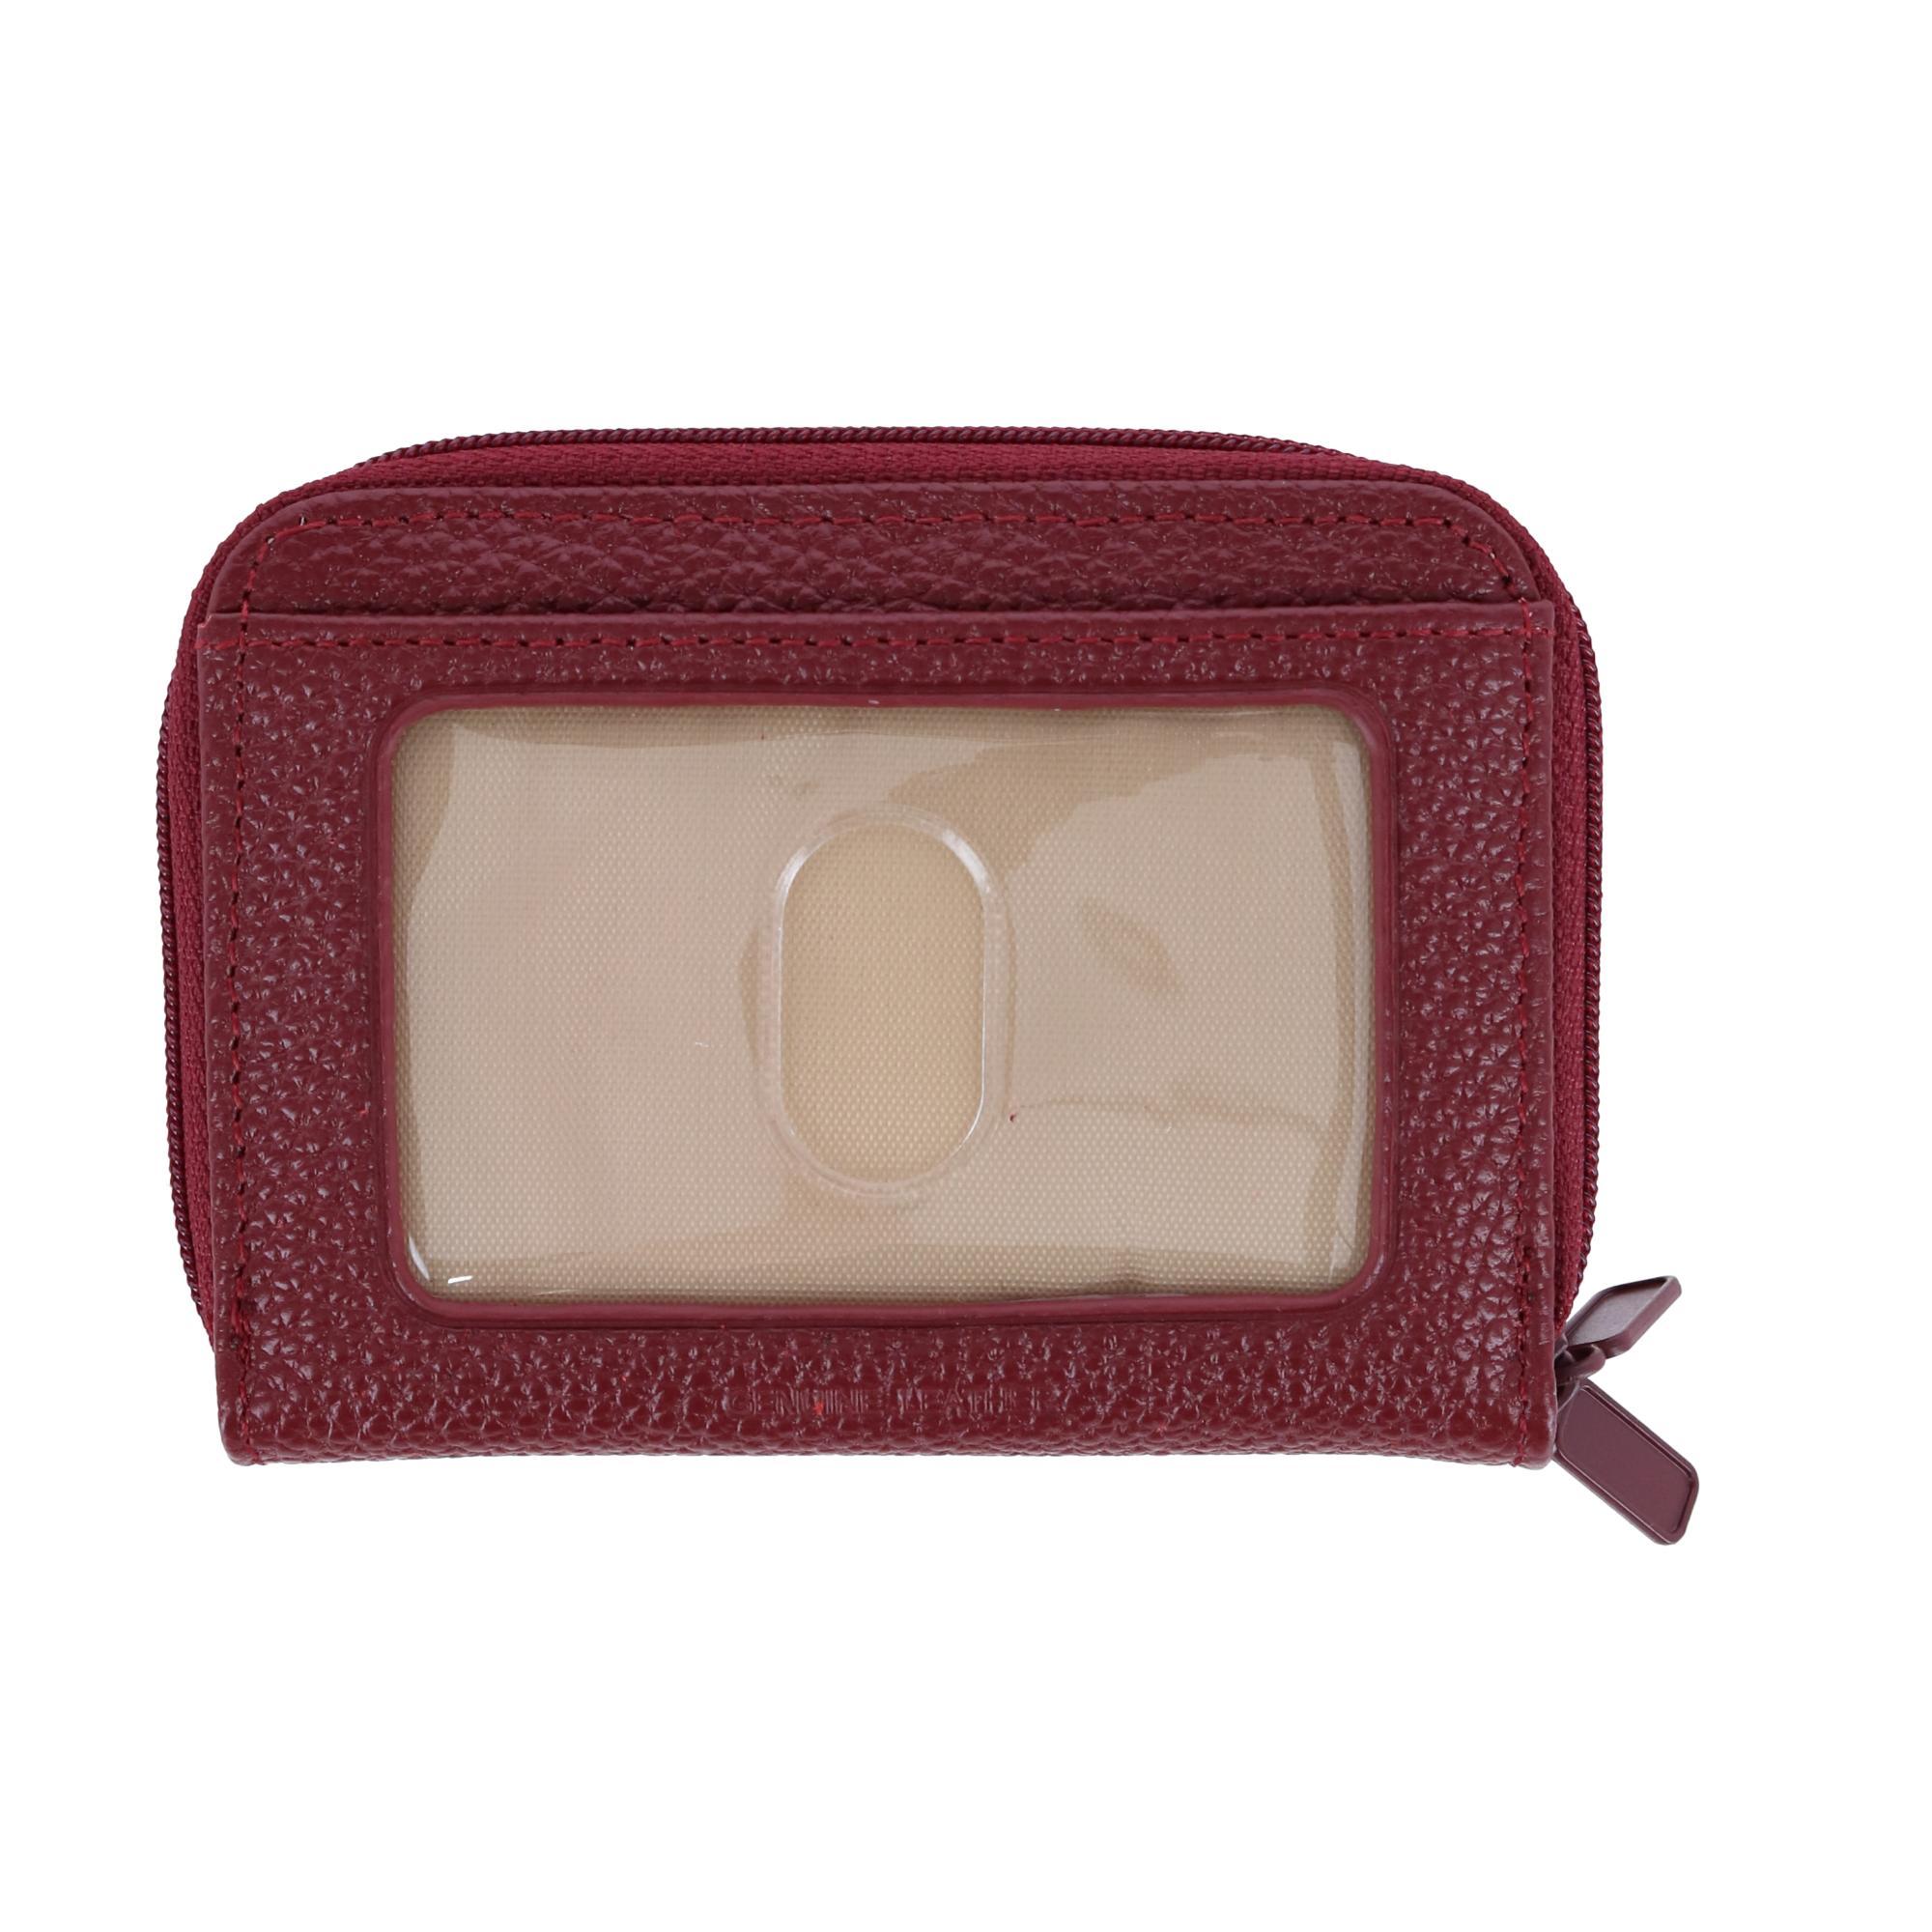 New-Buxton-Women-039-s-Leather-Mini-Accordion-Wizard-Wallet thumbnail 17